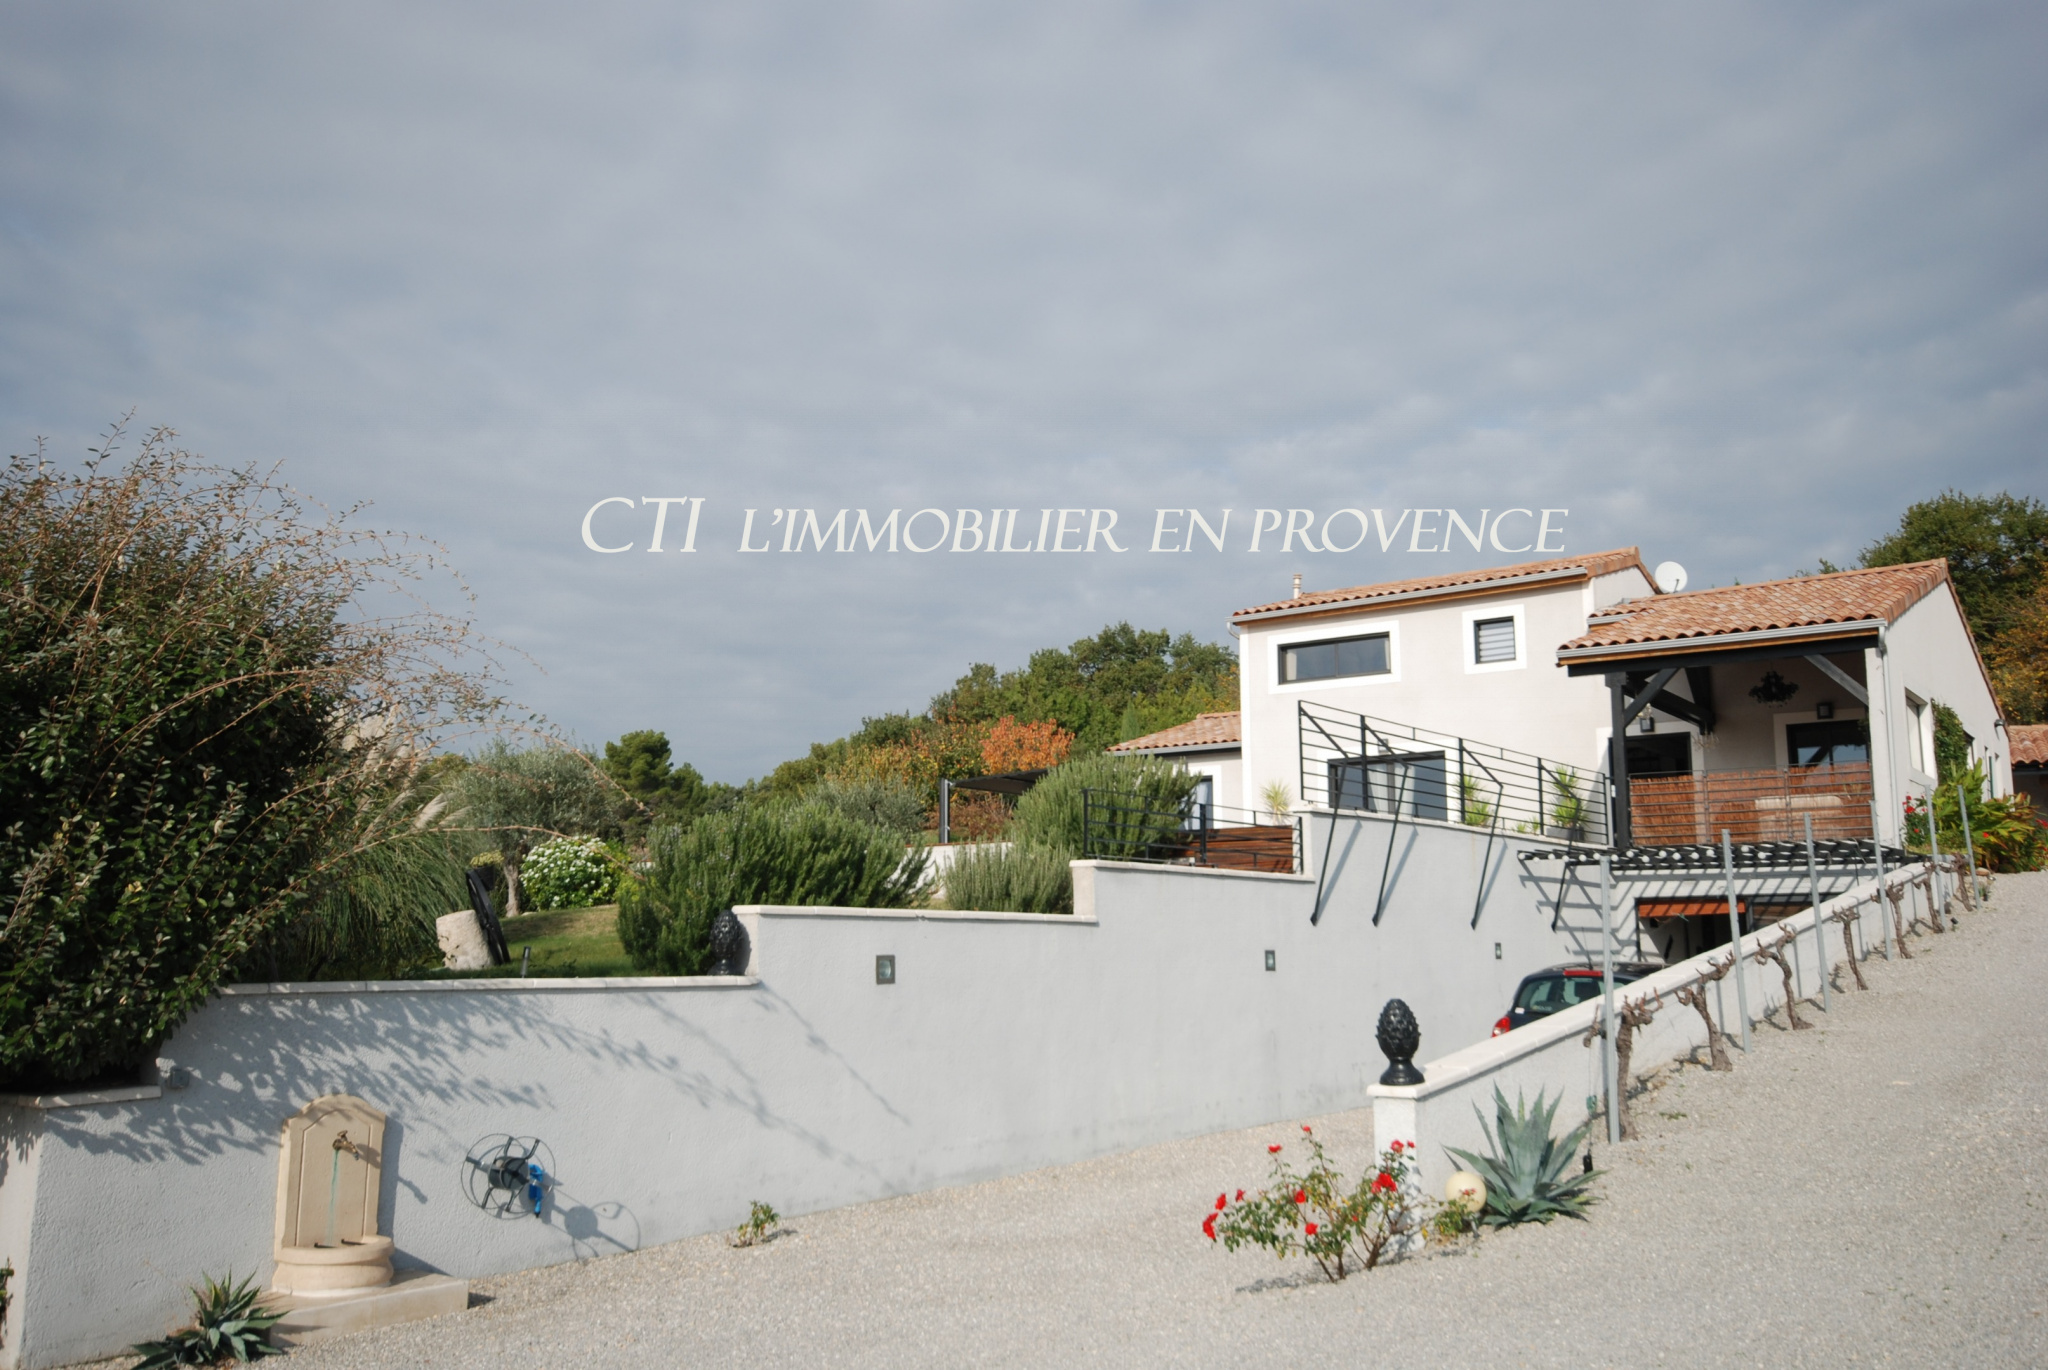 0 www.cti-provence.net A VENDRE MAISON BIOCLIMATIQUE OSSATURE BOIS JARDIN PISCINE TERRASSE SPA VUE